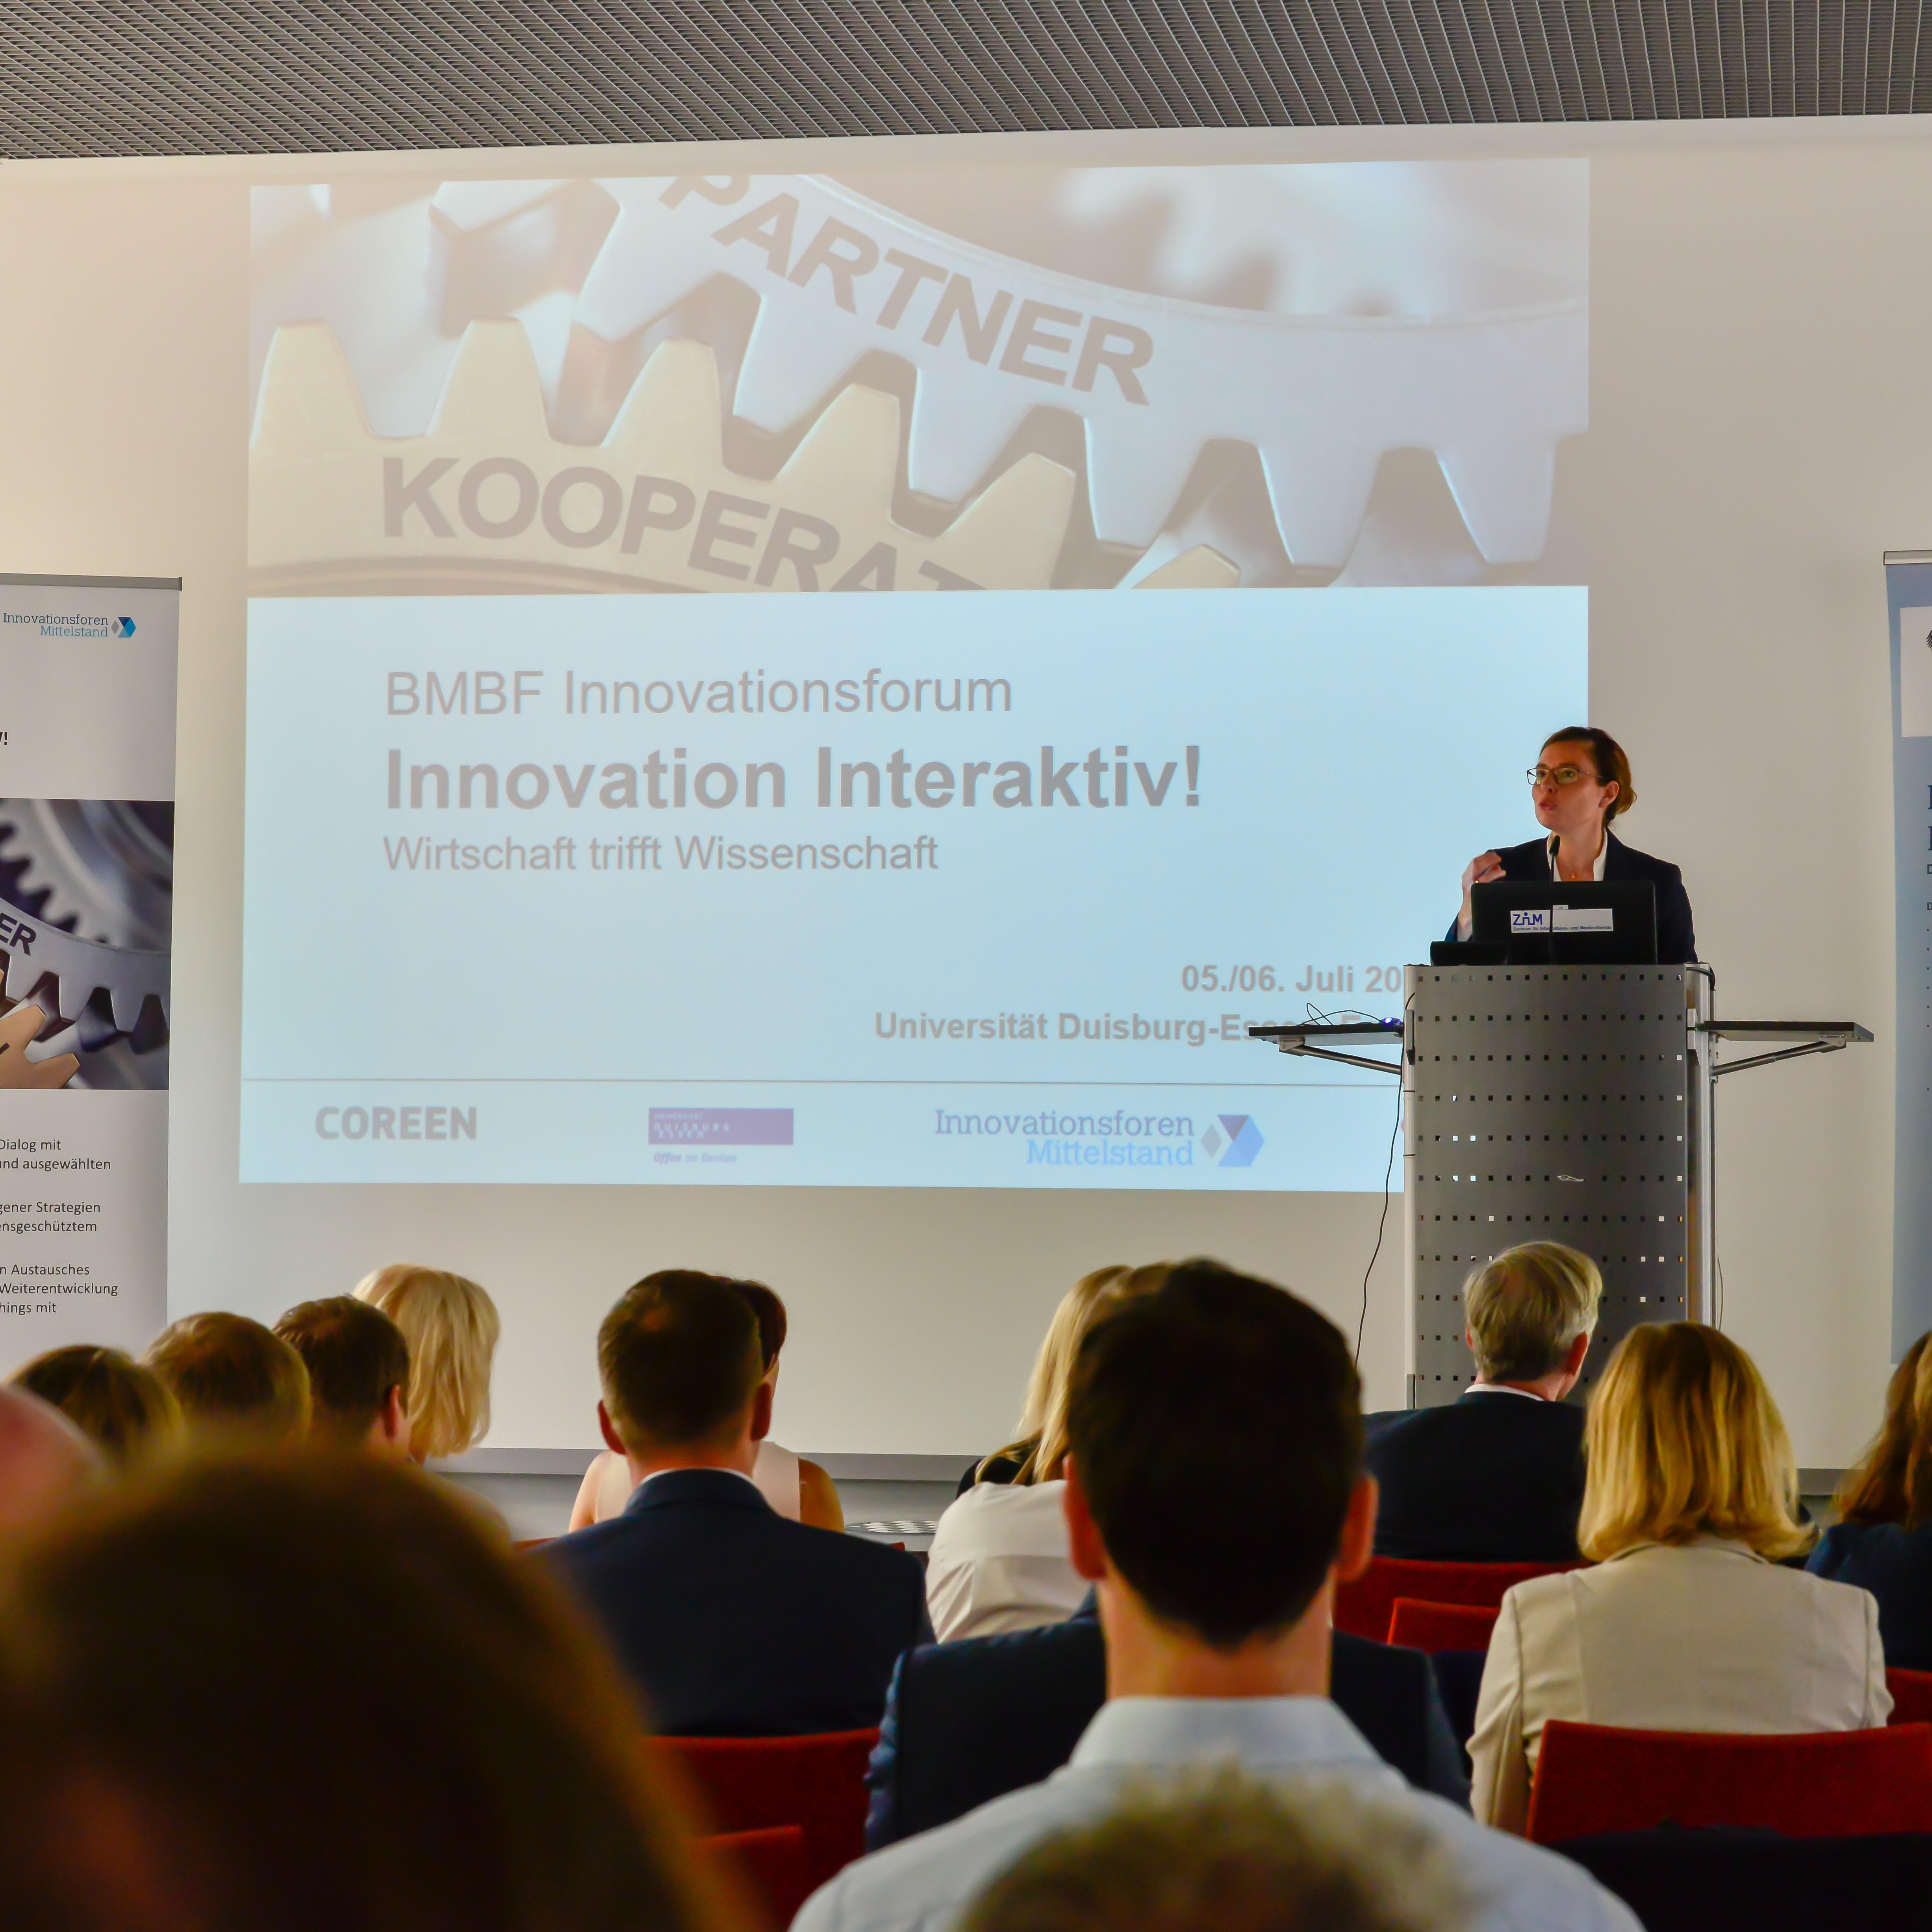 BMBF-Plattform für den Austausch zwischen Wirtschaft und Wissenschaft  erfolgreich an der UDE gestartet